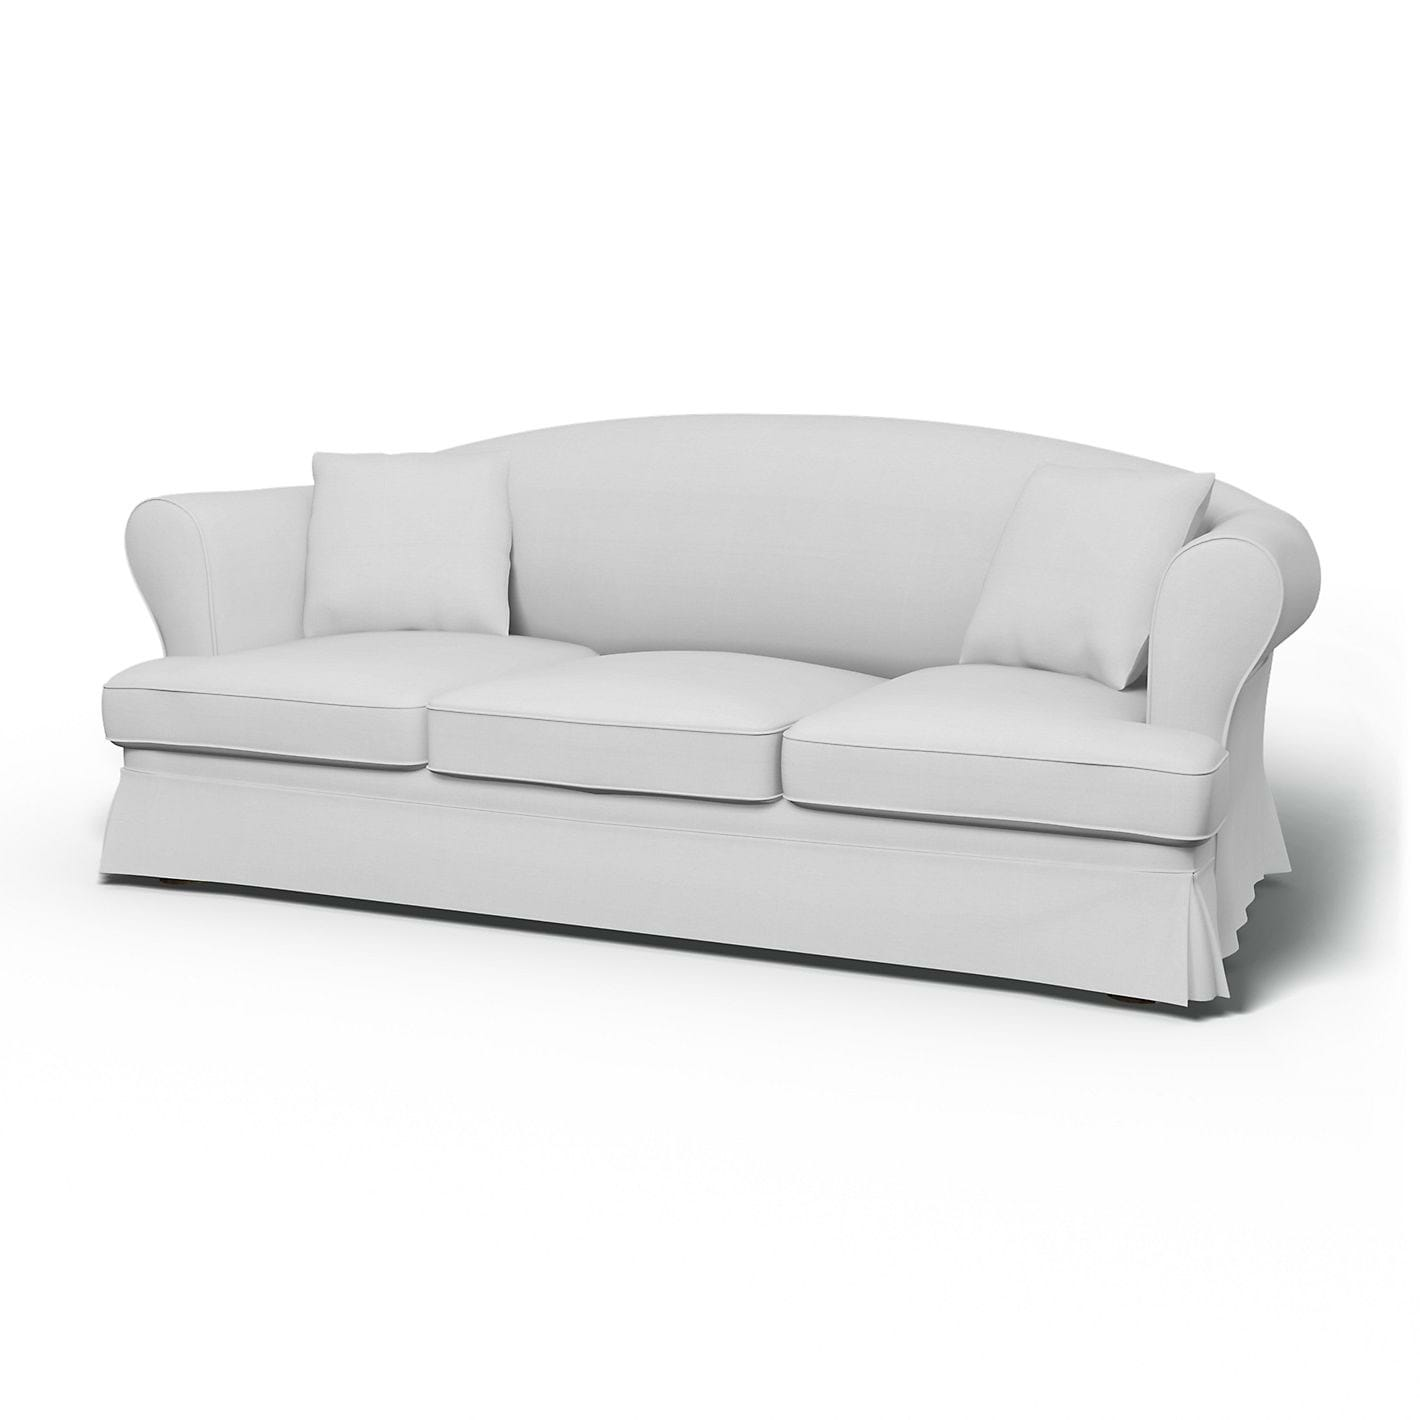 Full Size of Sofa Kaufen Ikea Sofabezge Fr Eingestellte Sundborn Couches Schilling W Schillig Xxl Günstig U Form Bett Englisch Mega Gebrauchte Küche Velux Fenster 2 5 Wohnzimmer Sofa Kaufen Ikea